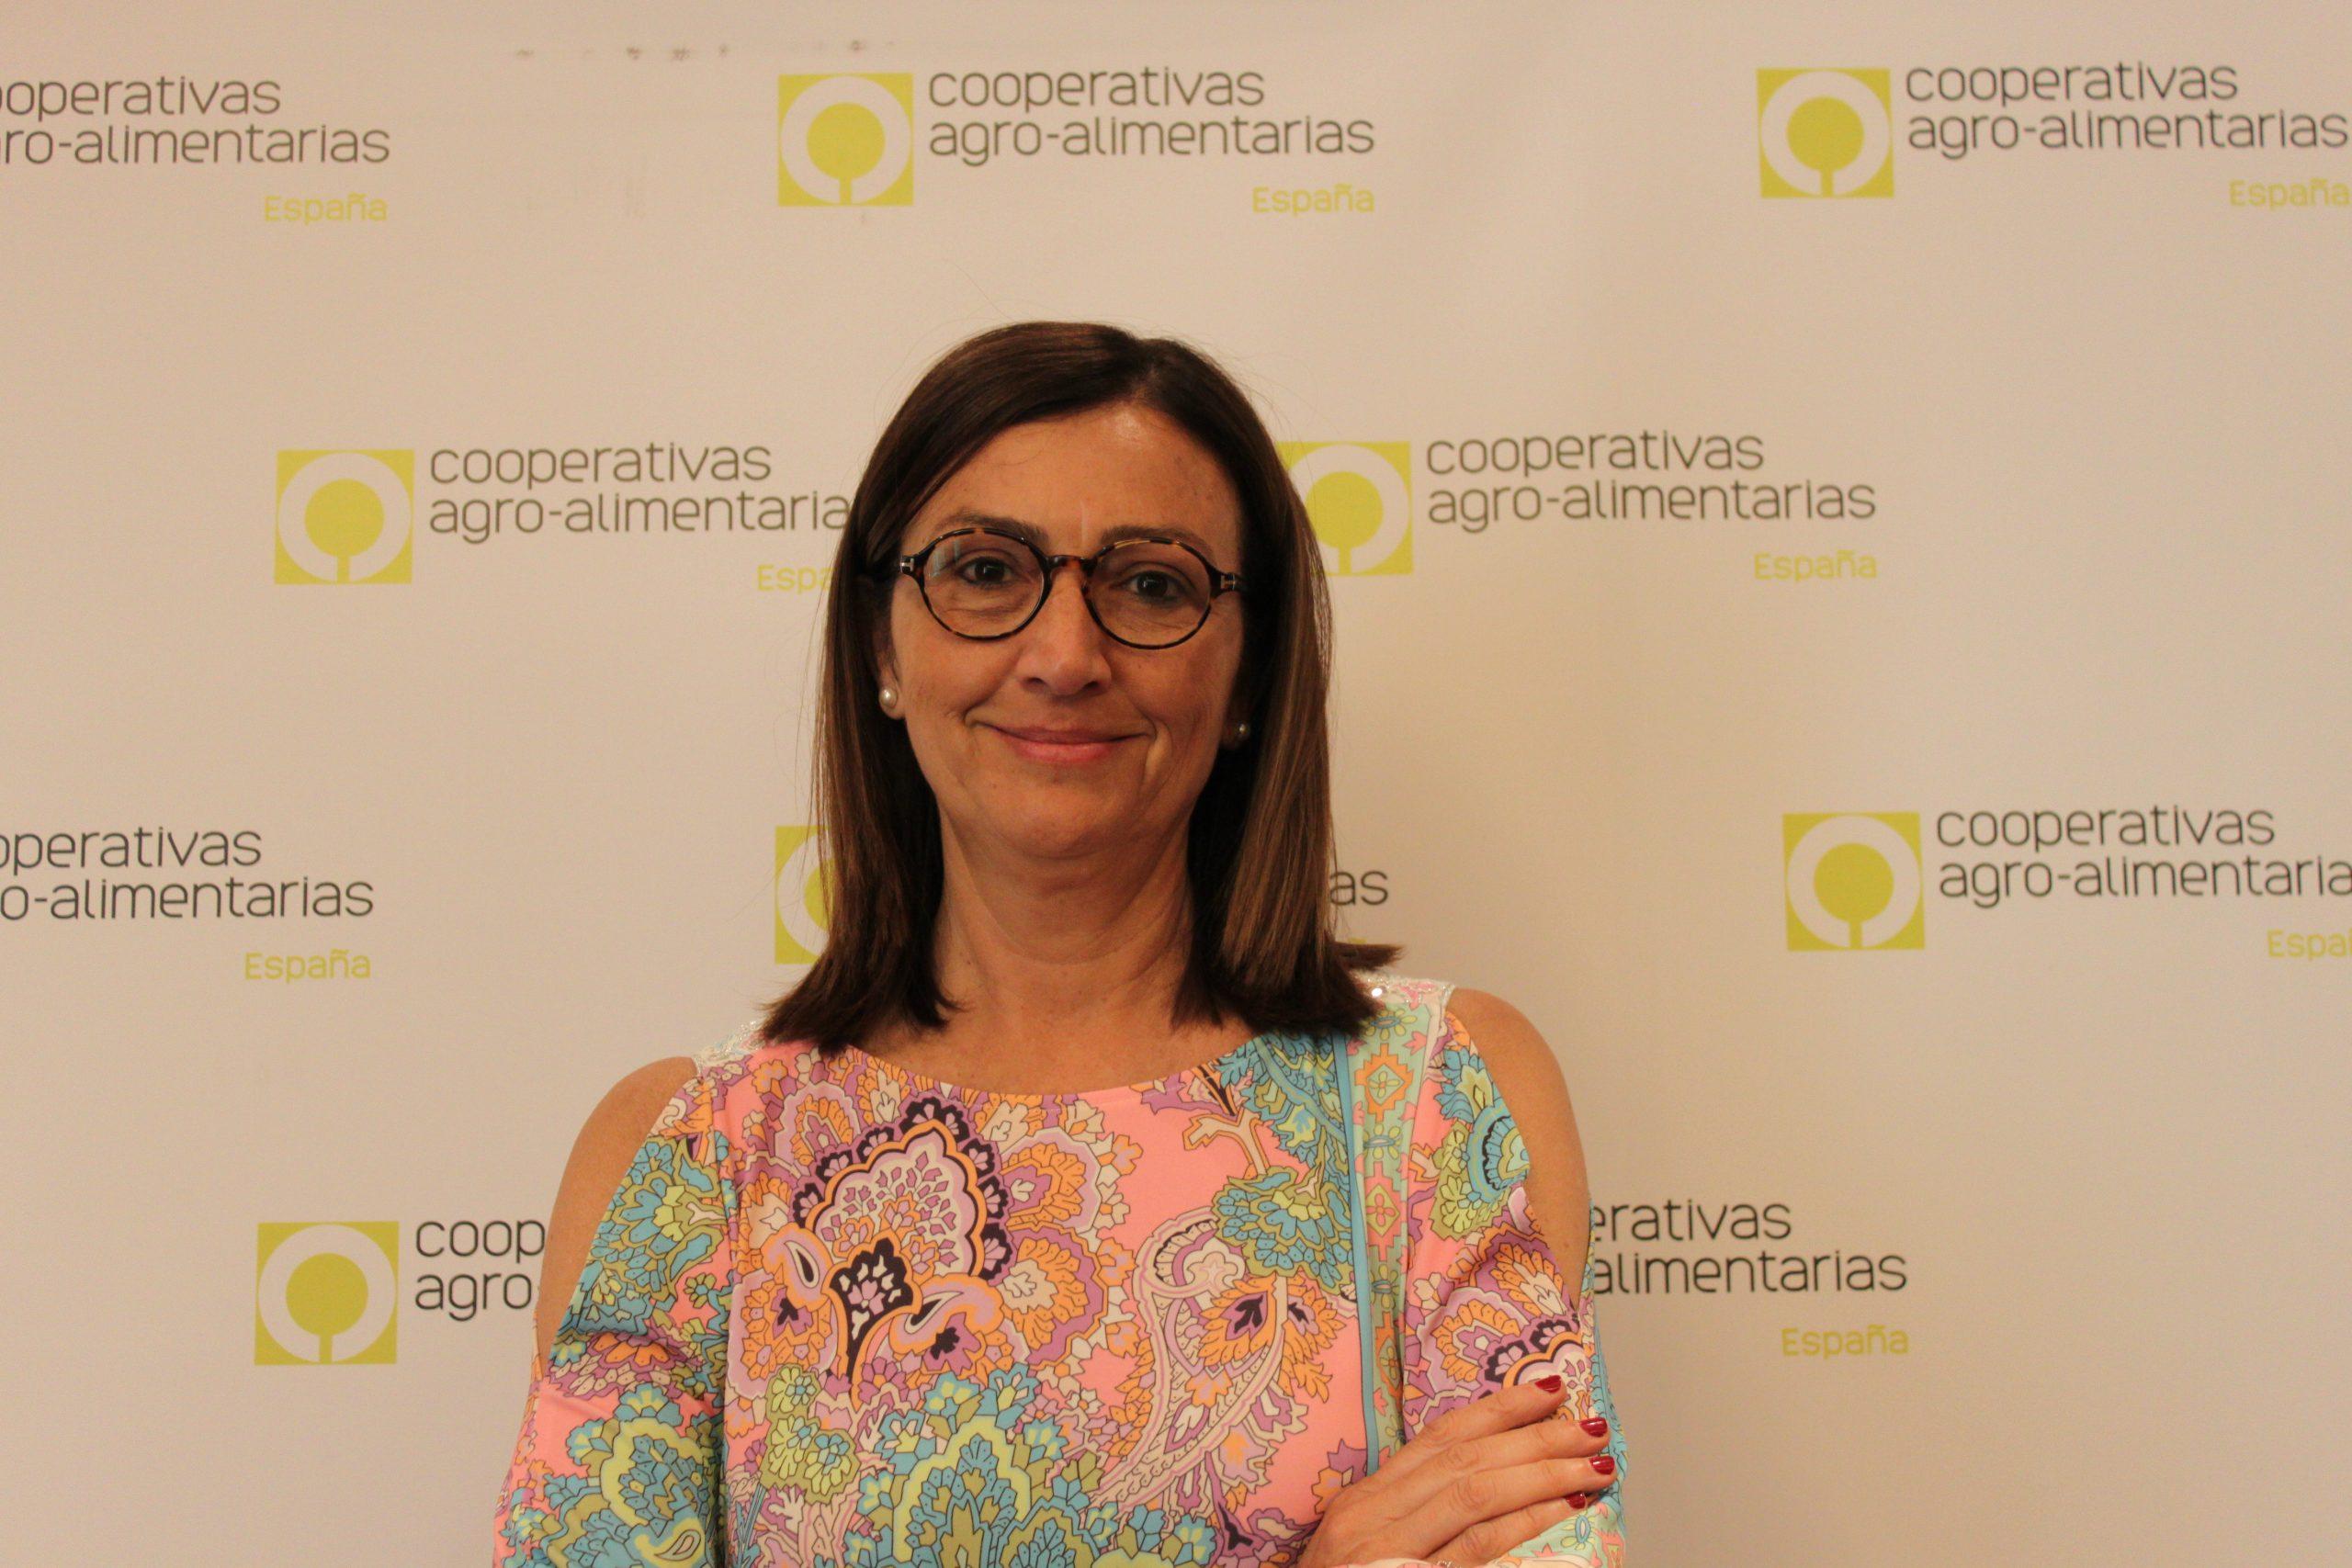 La mujer rural marcará el futuro del sector agroalimentario. Por Jerónima Bonafé. Presidenta de la Asociación de Mujeres de Cooperativas Agro-alimentarias de España